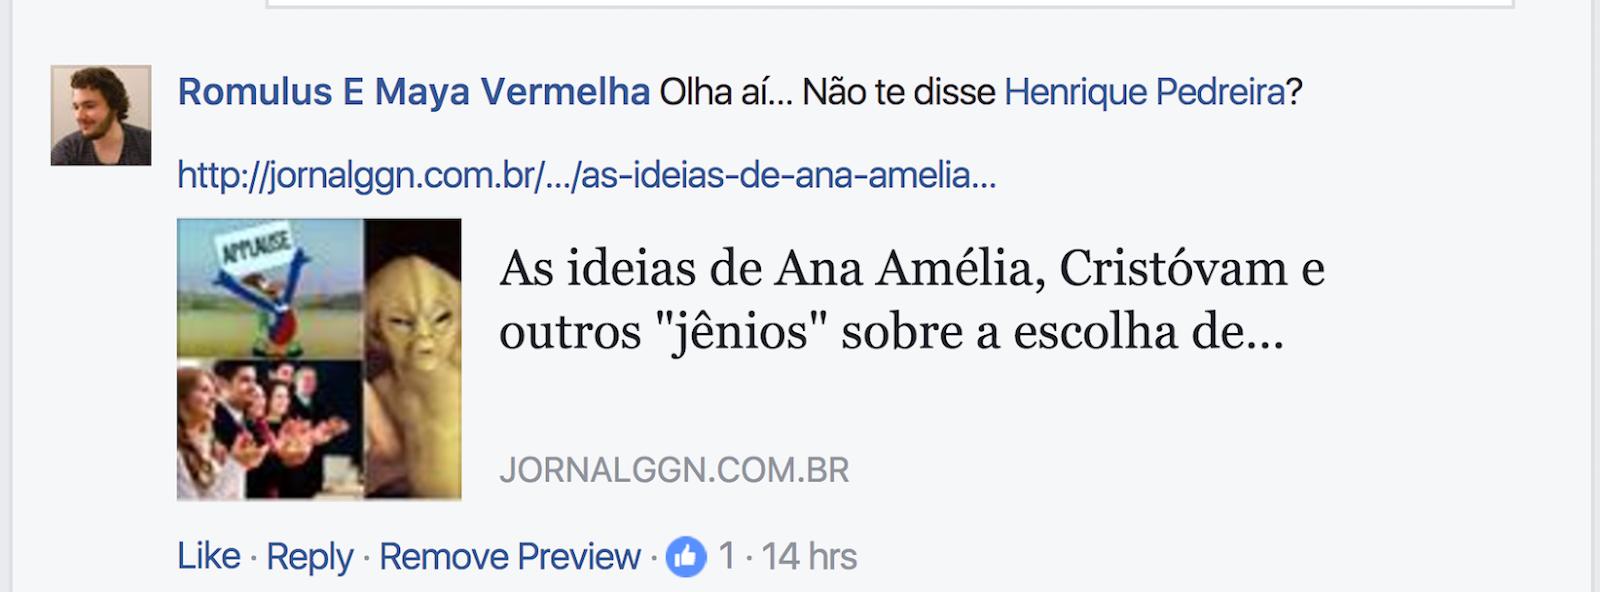 Globo e Moro vão eleger Rodrigo Maia Presidente? E Temer